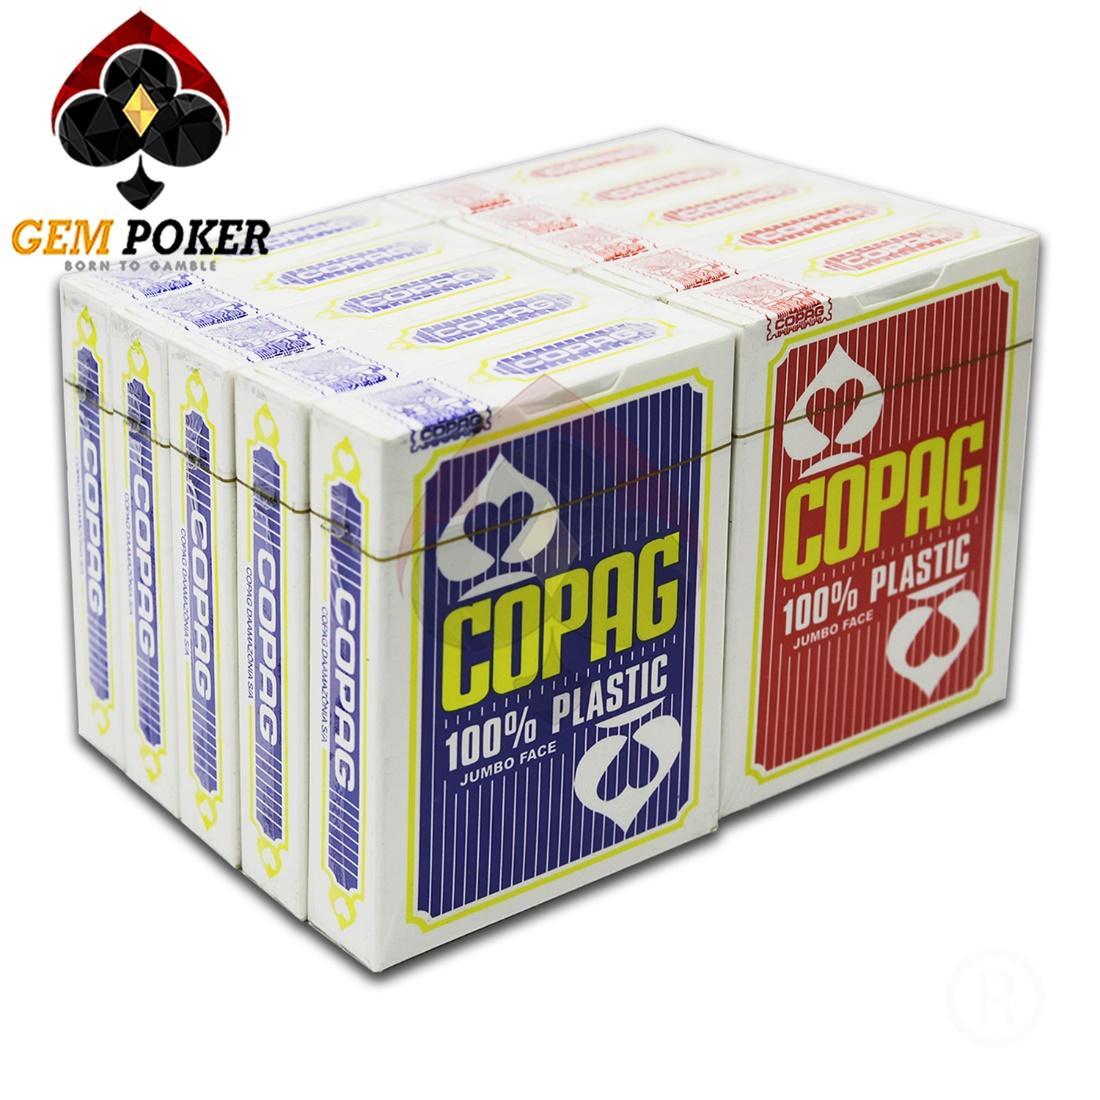 Sản phẩm bài poker copag